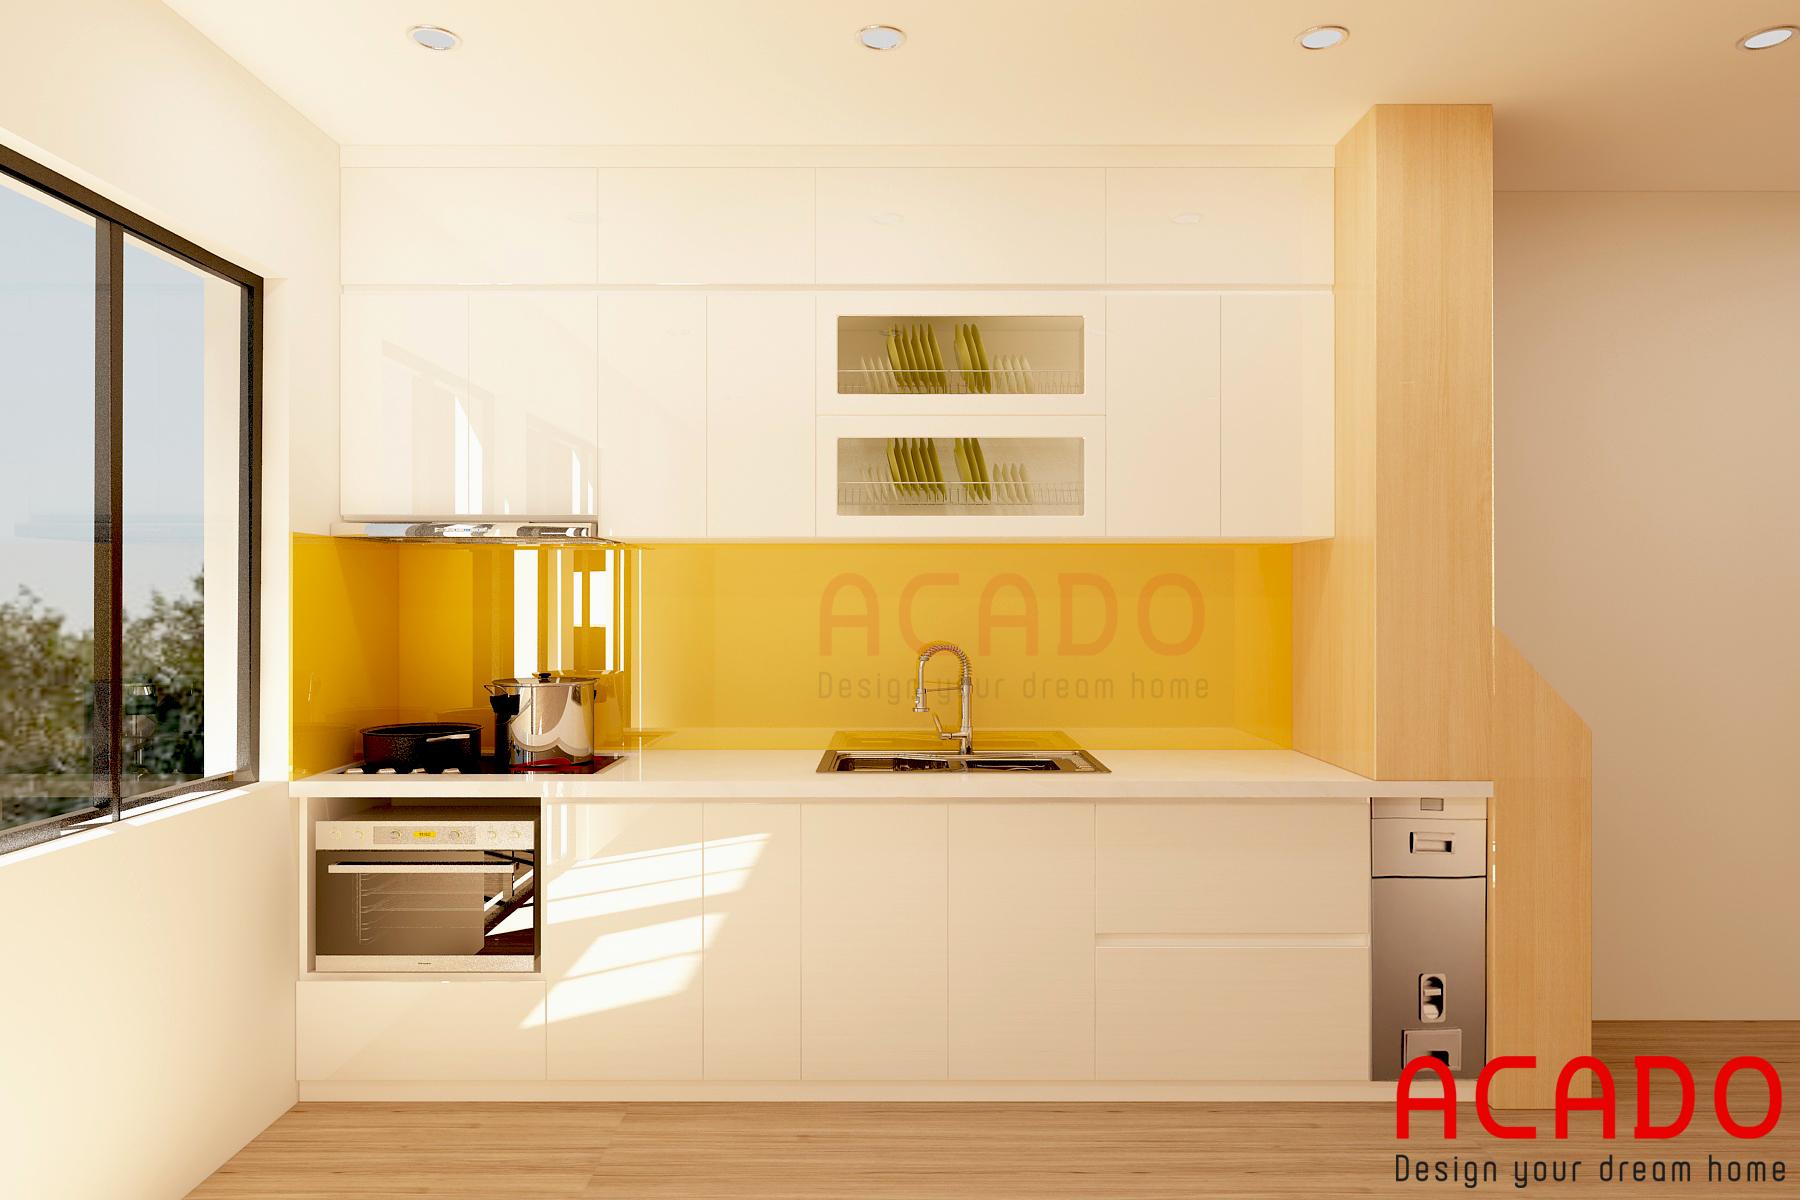 Tủ bếp Acrylic trắng bóng gương mang đến không gian bếp hiện đại, sang trọng